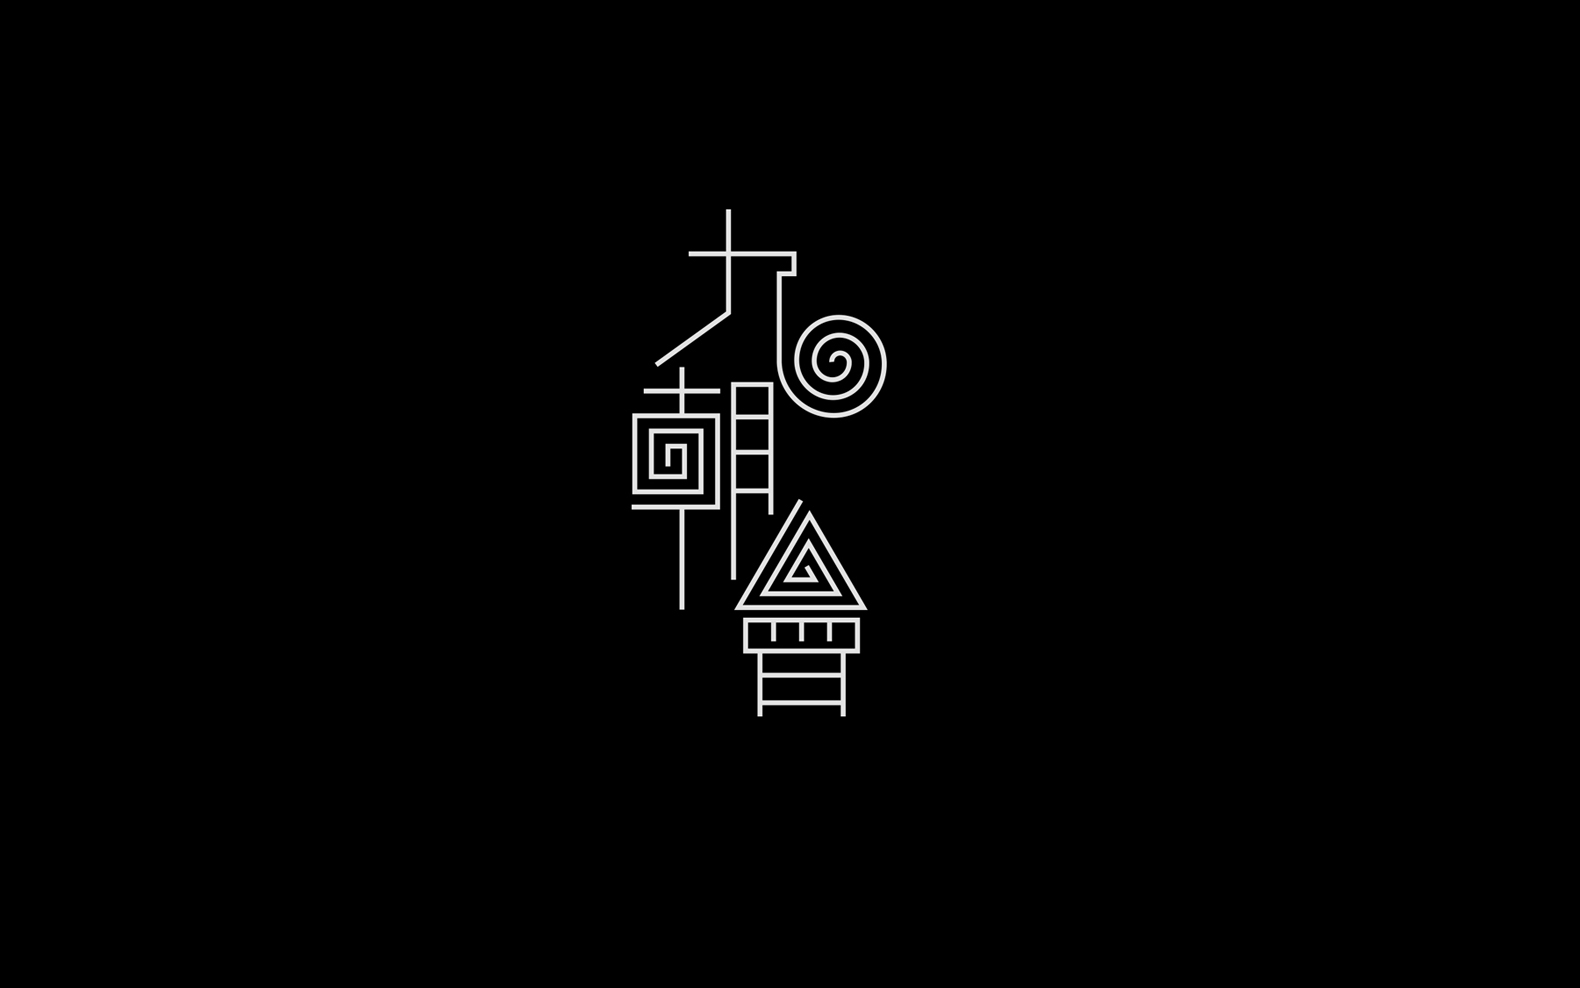 ontata_jiu-decoration_01